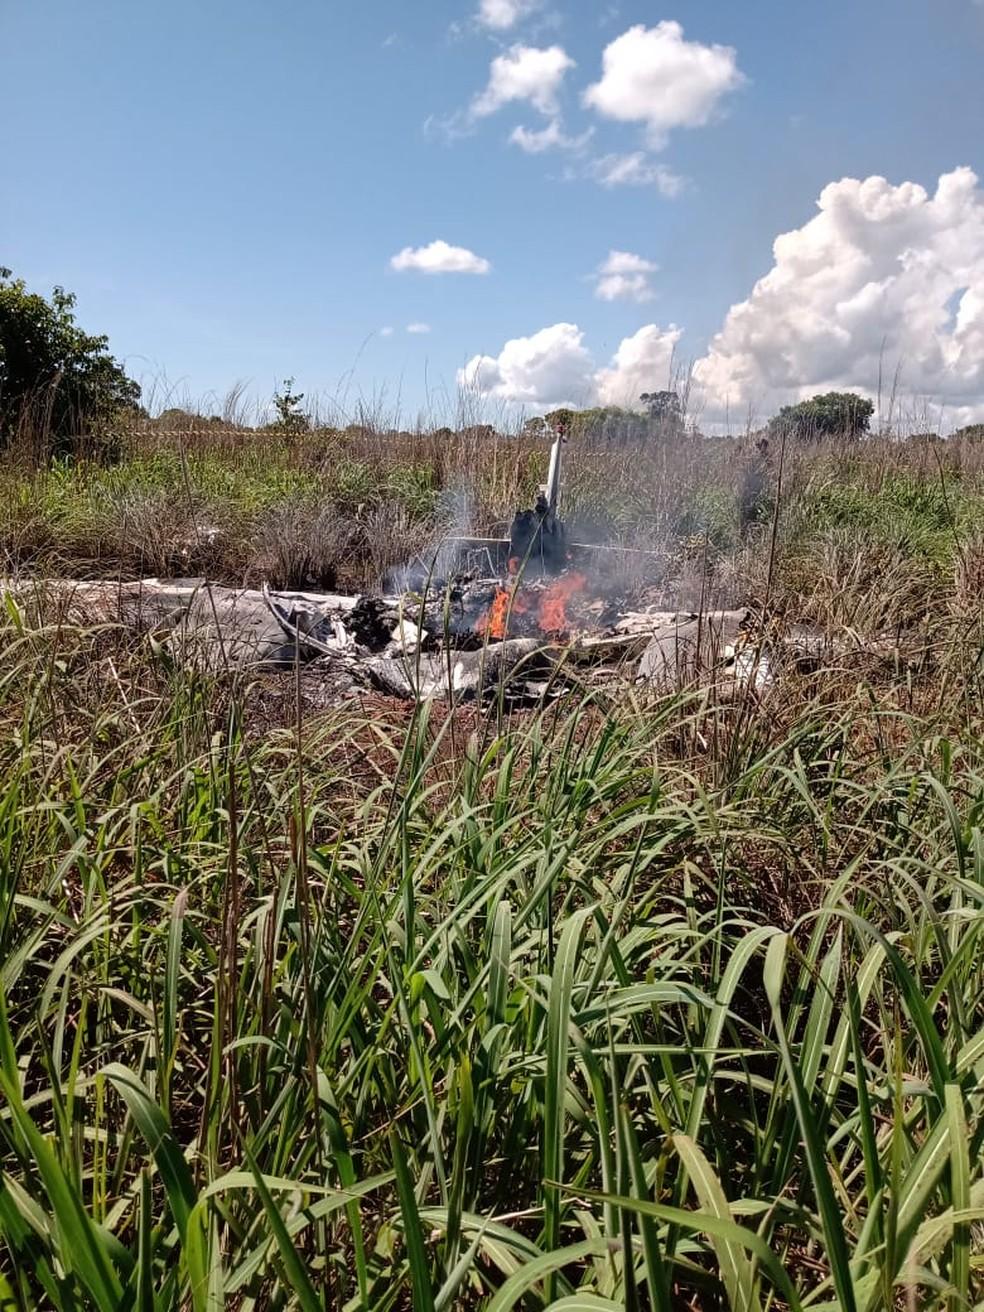 В Бразилии разбился самолет с футболистами: известны имена погибших (ФОТО) - фото 2